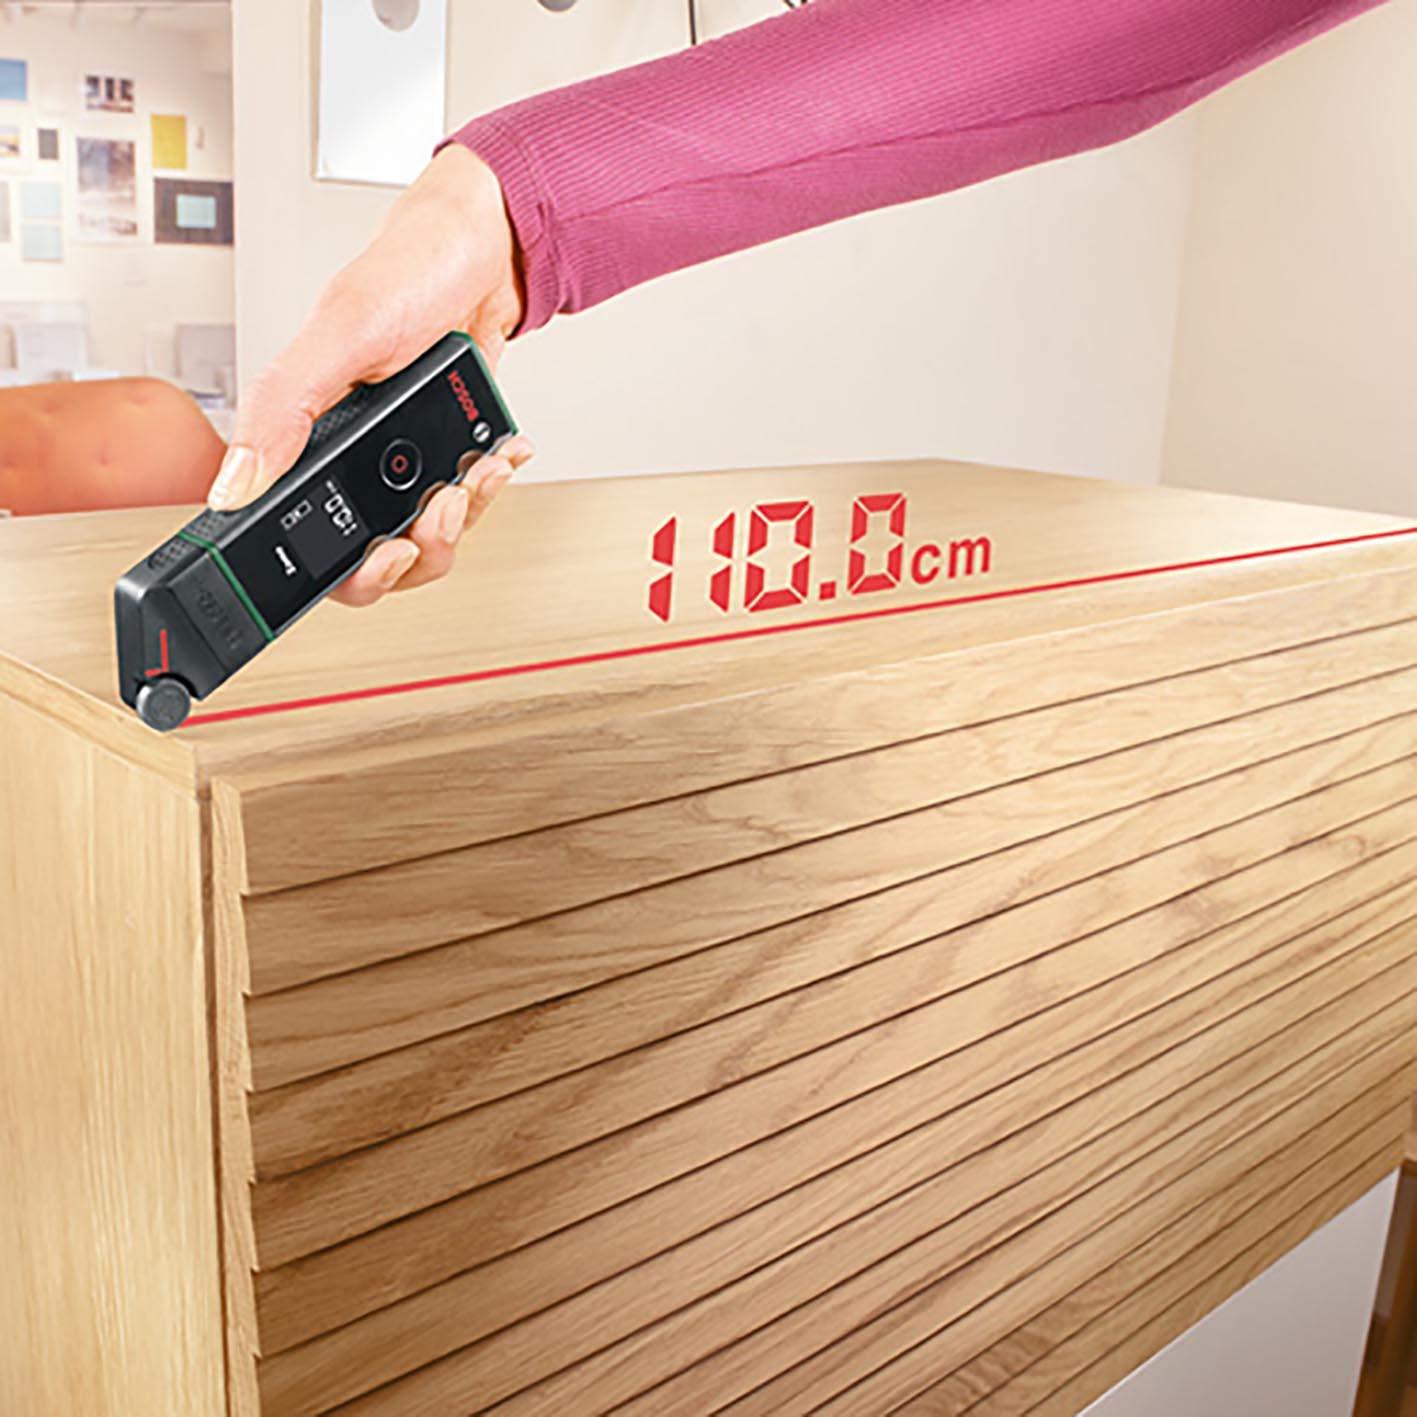 Bosch adaptador de cinta para Zamo, 3 generaci/ón, en caja de cart/ón